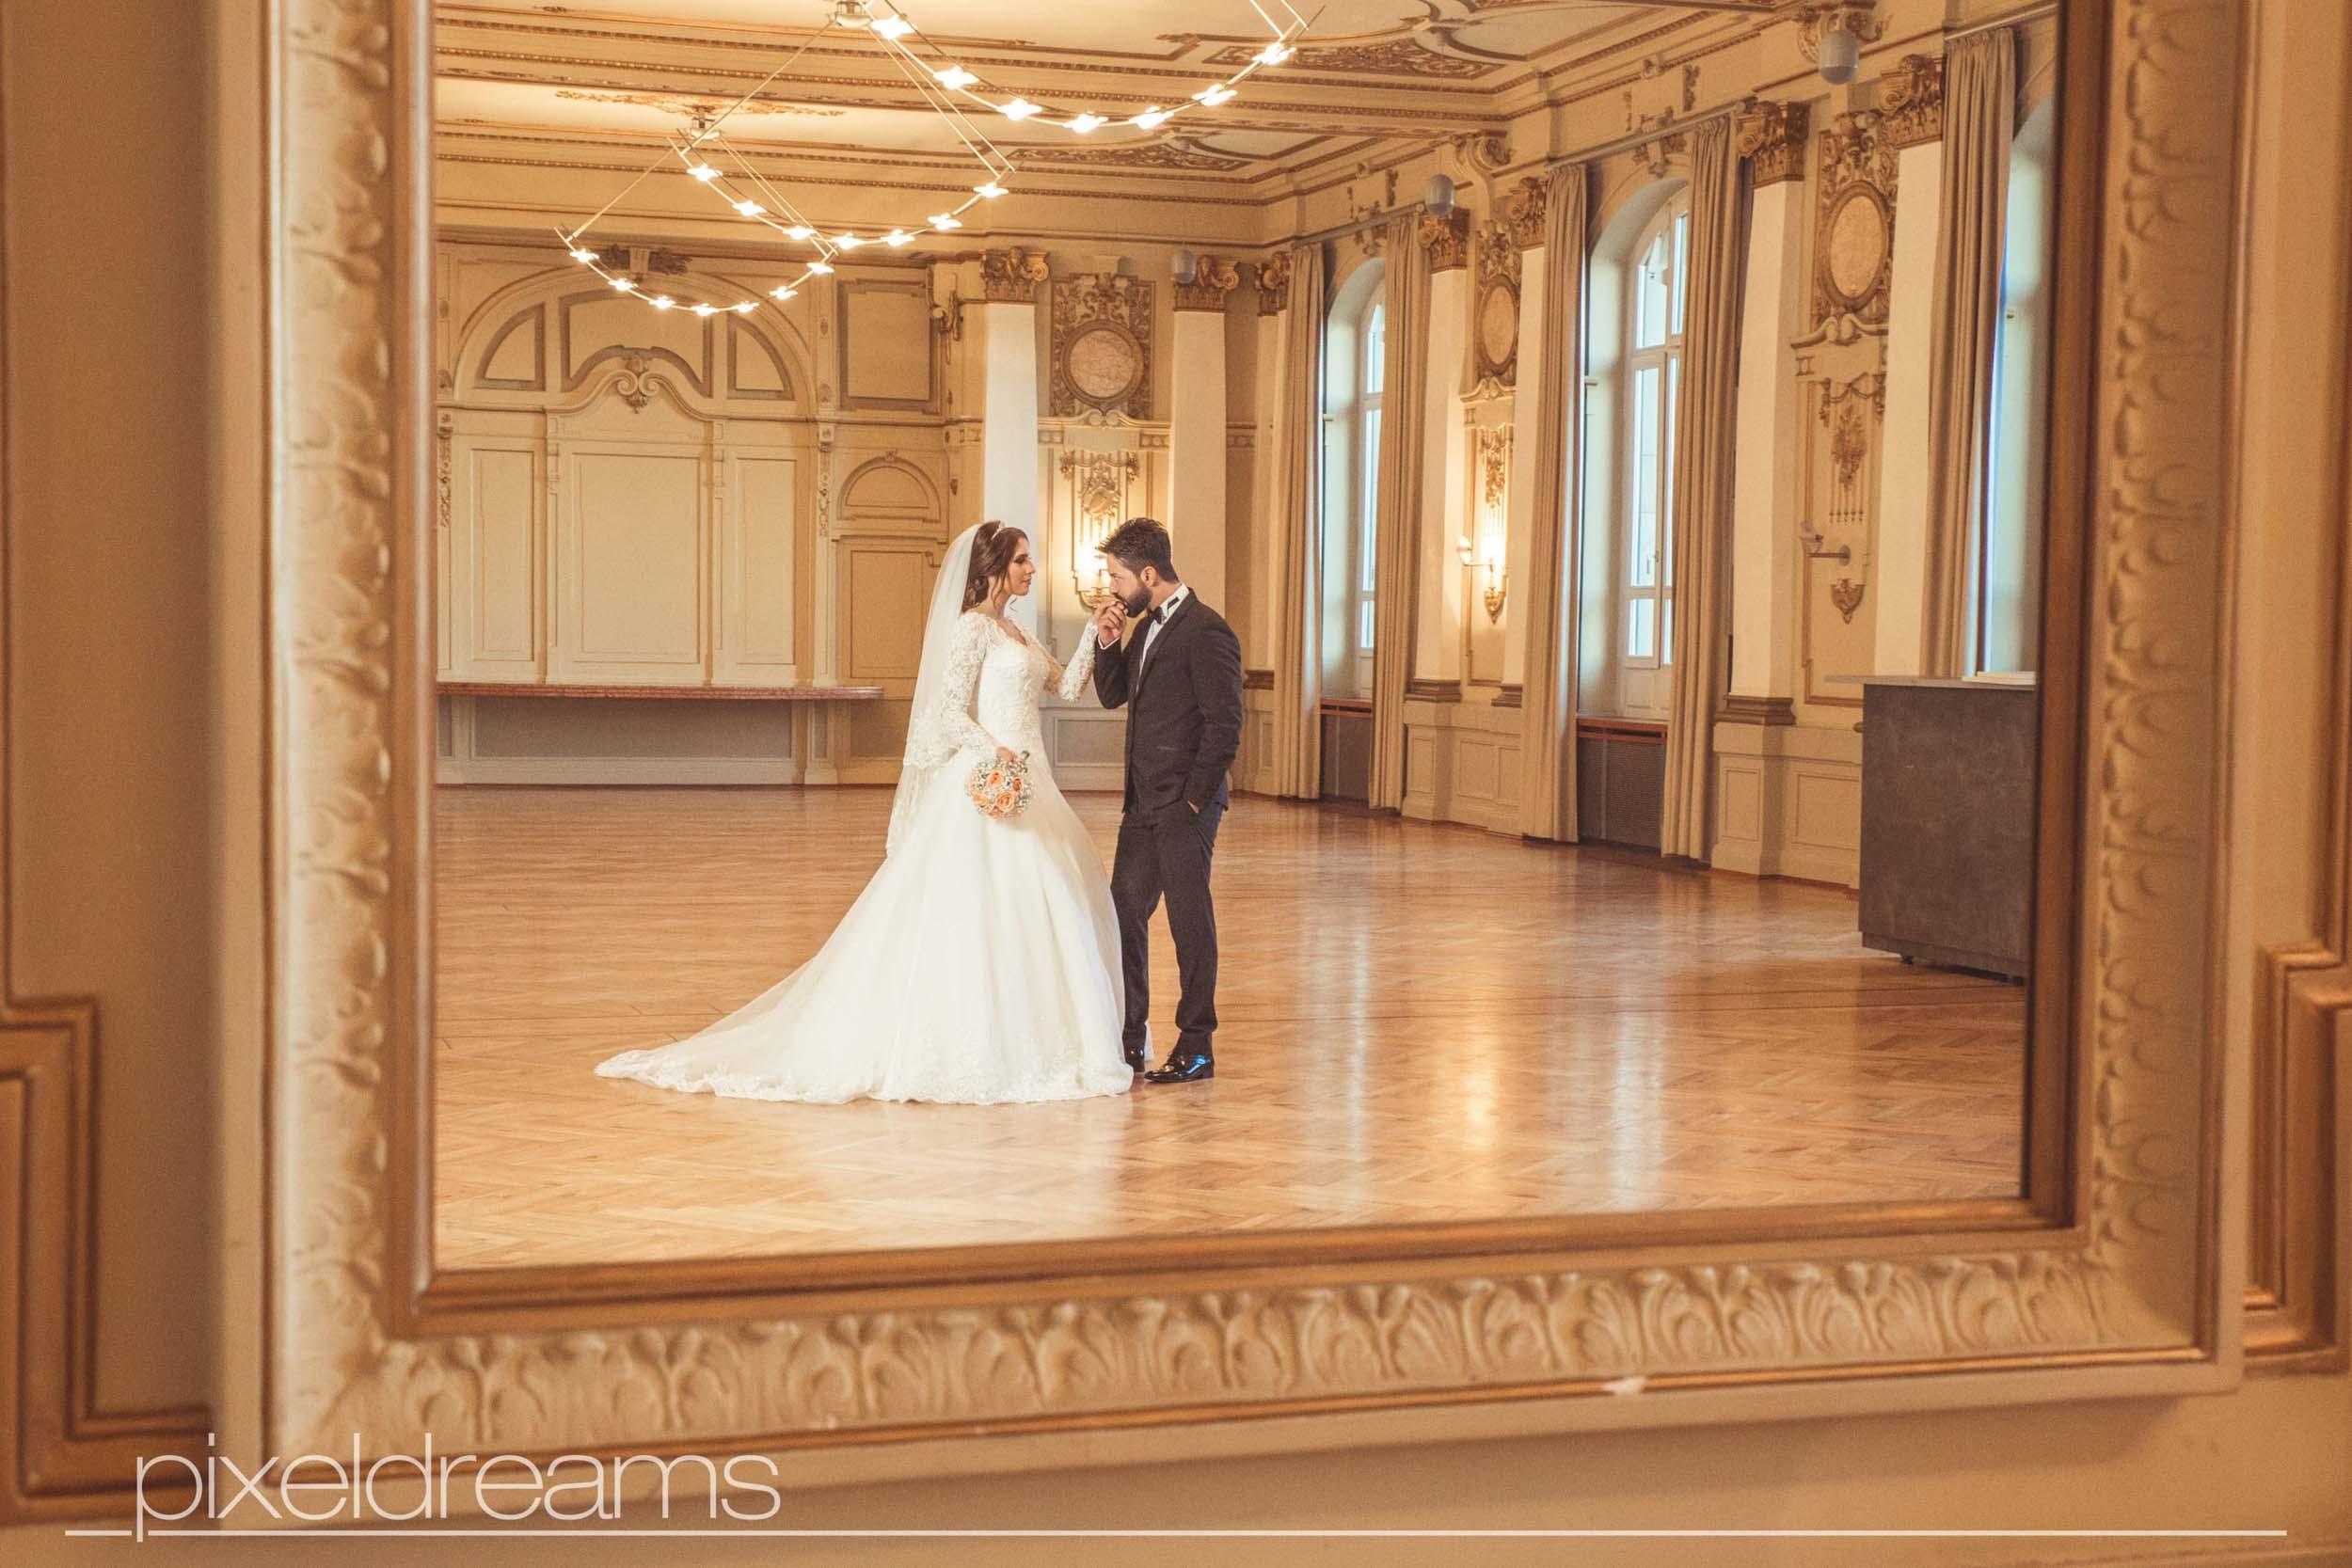 Hochzeitsfotos in der Historische Stadthalle am Johannisberg in Wuppertal – Cağla & Fatih